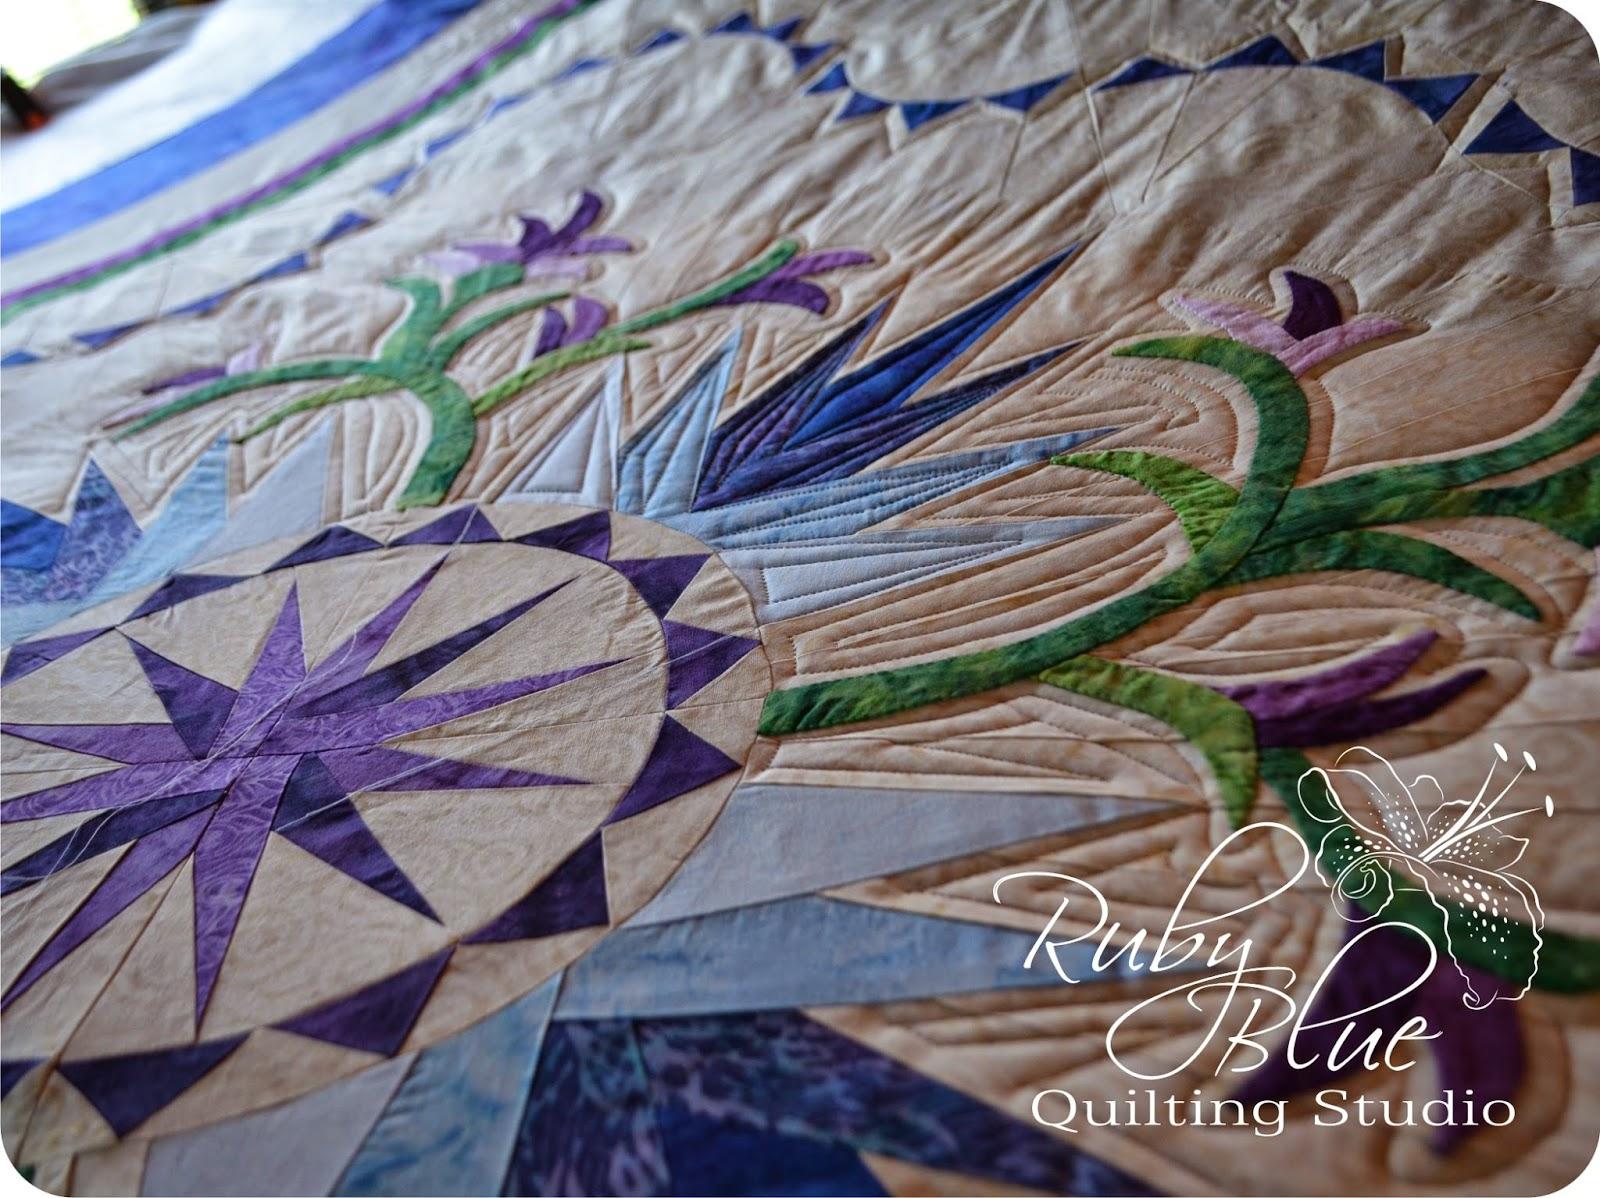 Ruby Blue Quilting Studio Machine Quilting Cactus Rose